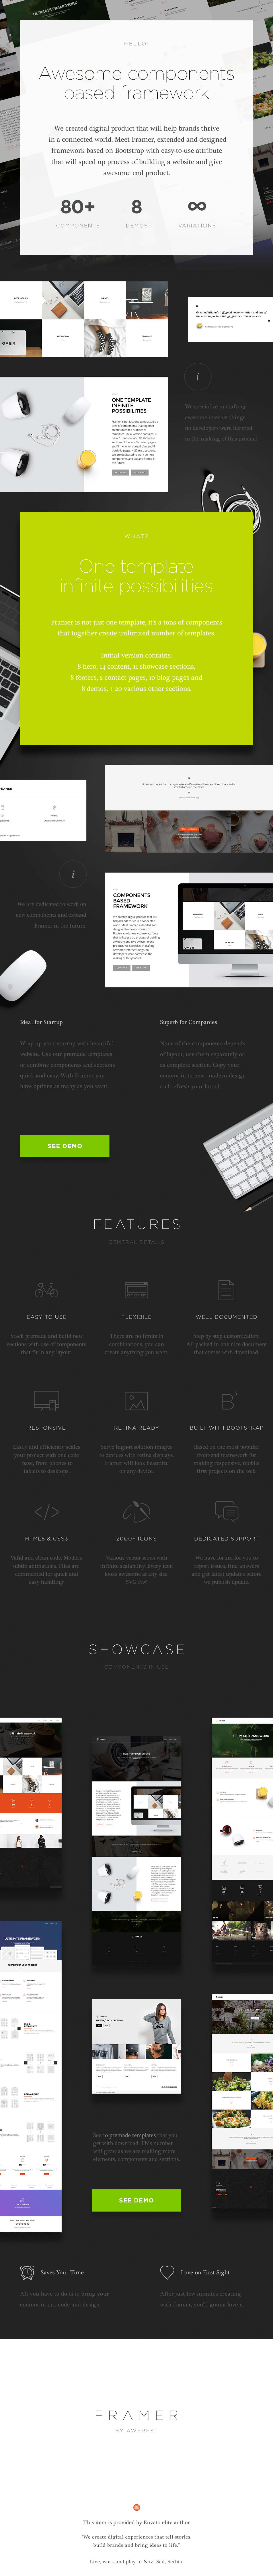 Framer - Multi-Purpose Bootstrap HTML5 Template